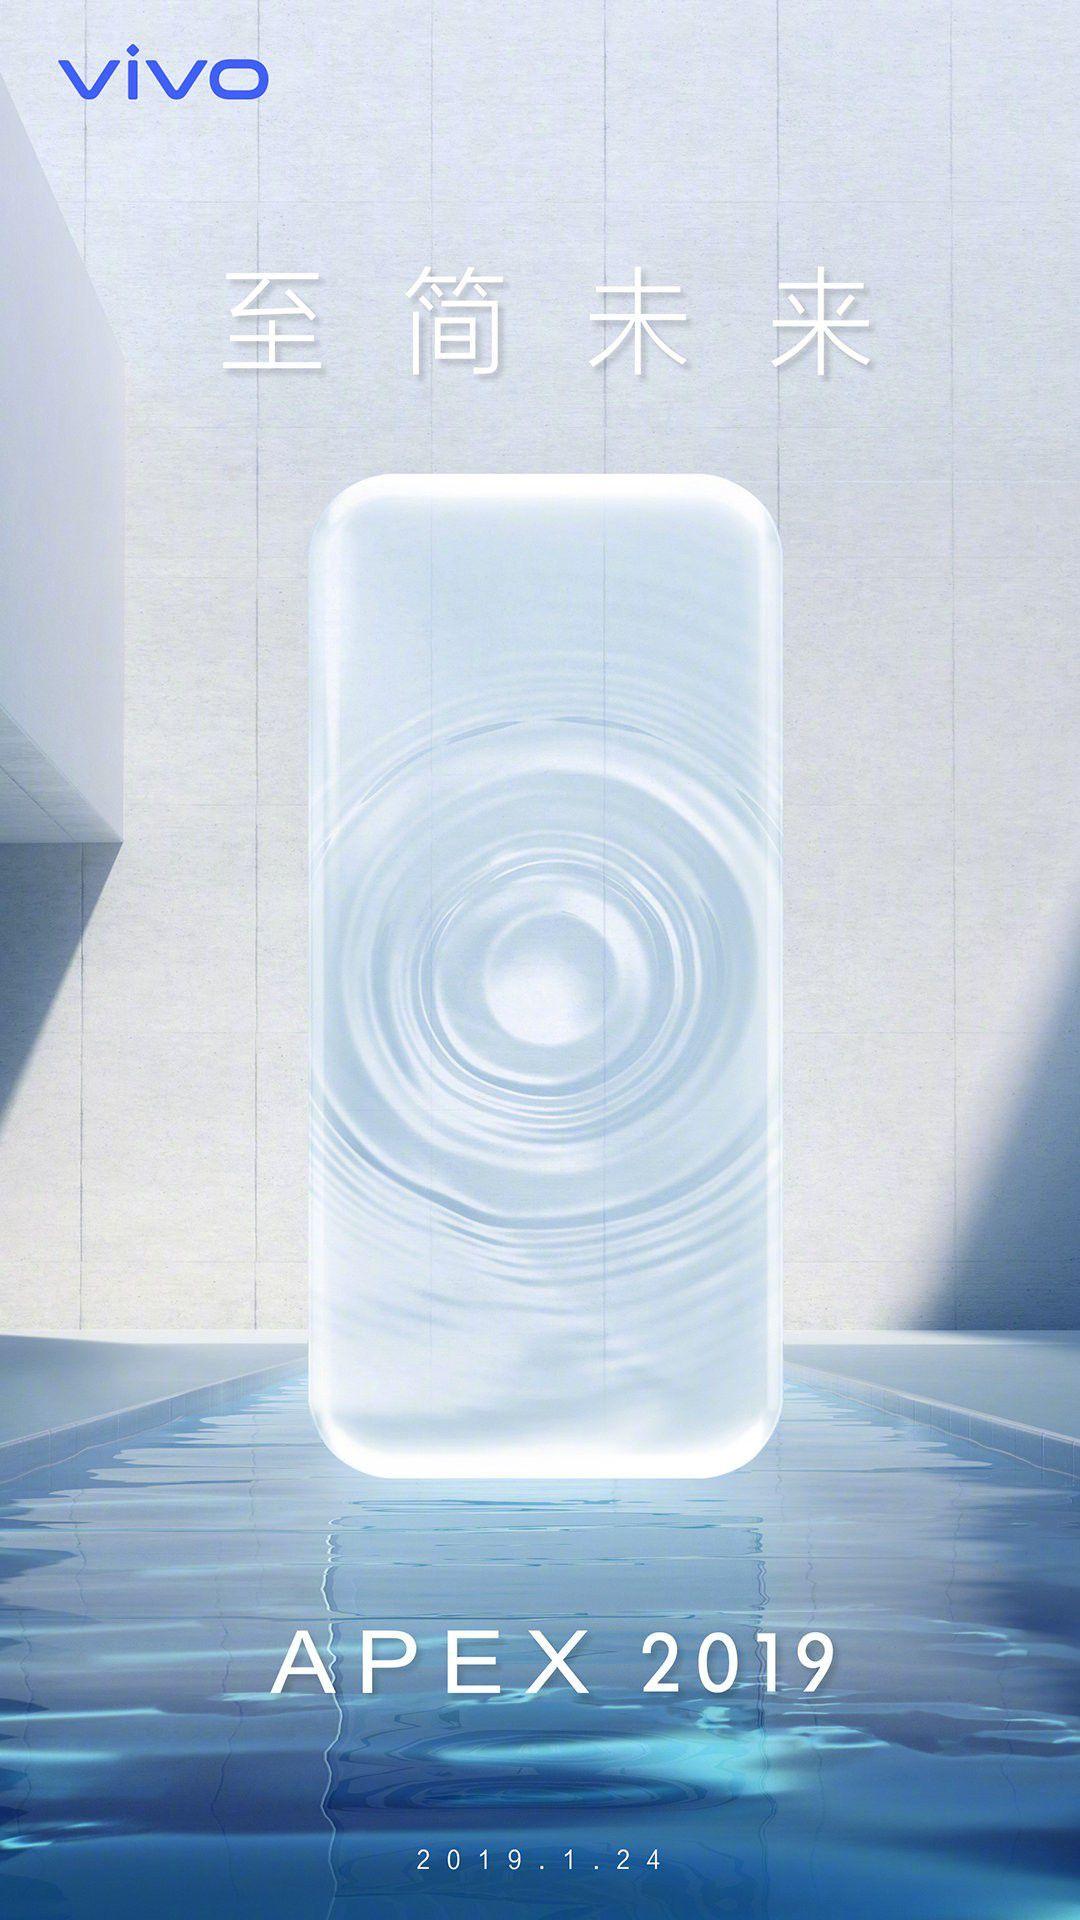 「科技V报」vivo宣布APEX 2019即将发布;红米Note 7发布新版本更大更强-20190118